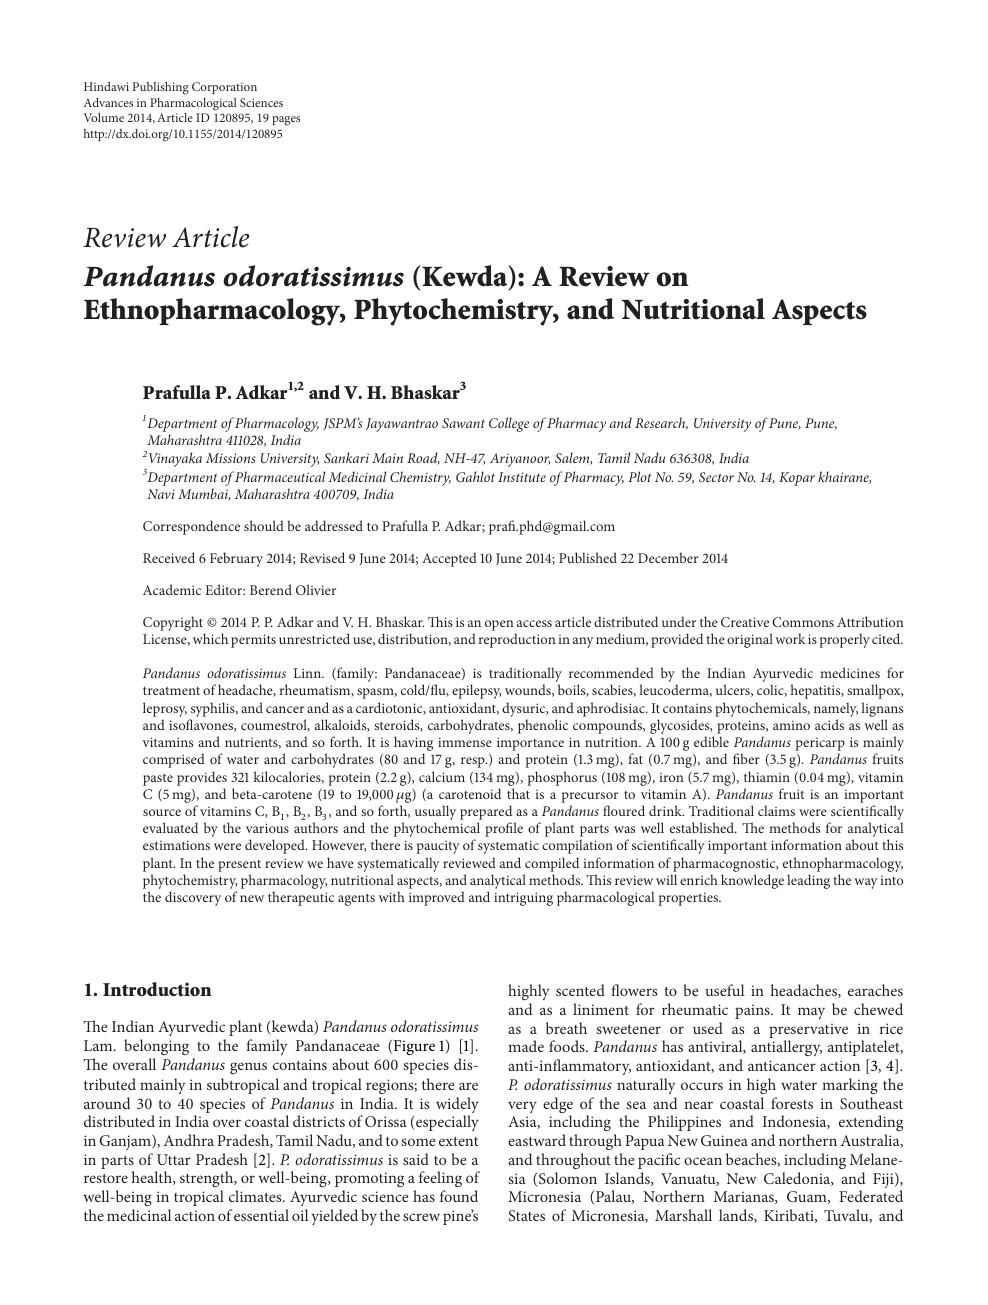 Pandanus odoratissimus (Kewda): A Review on